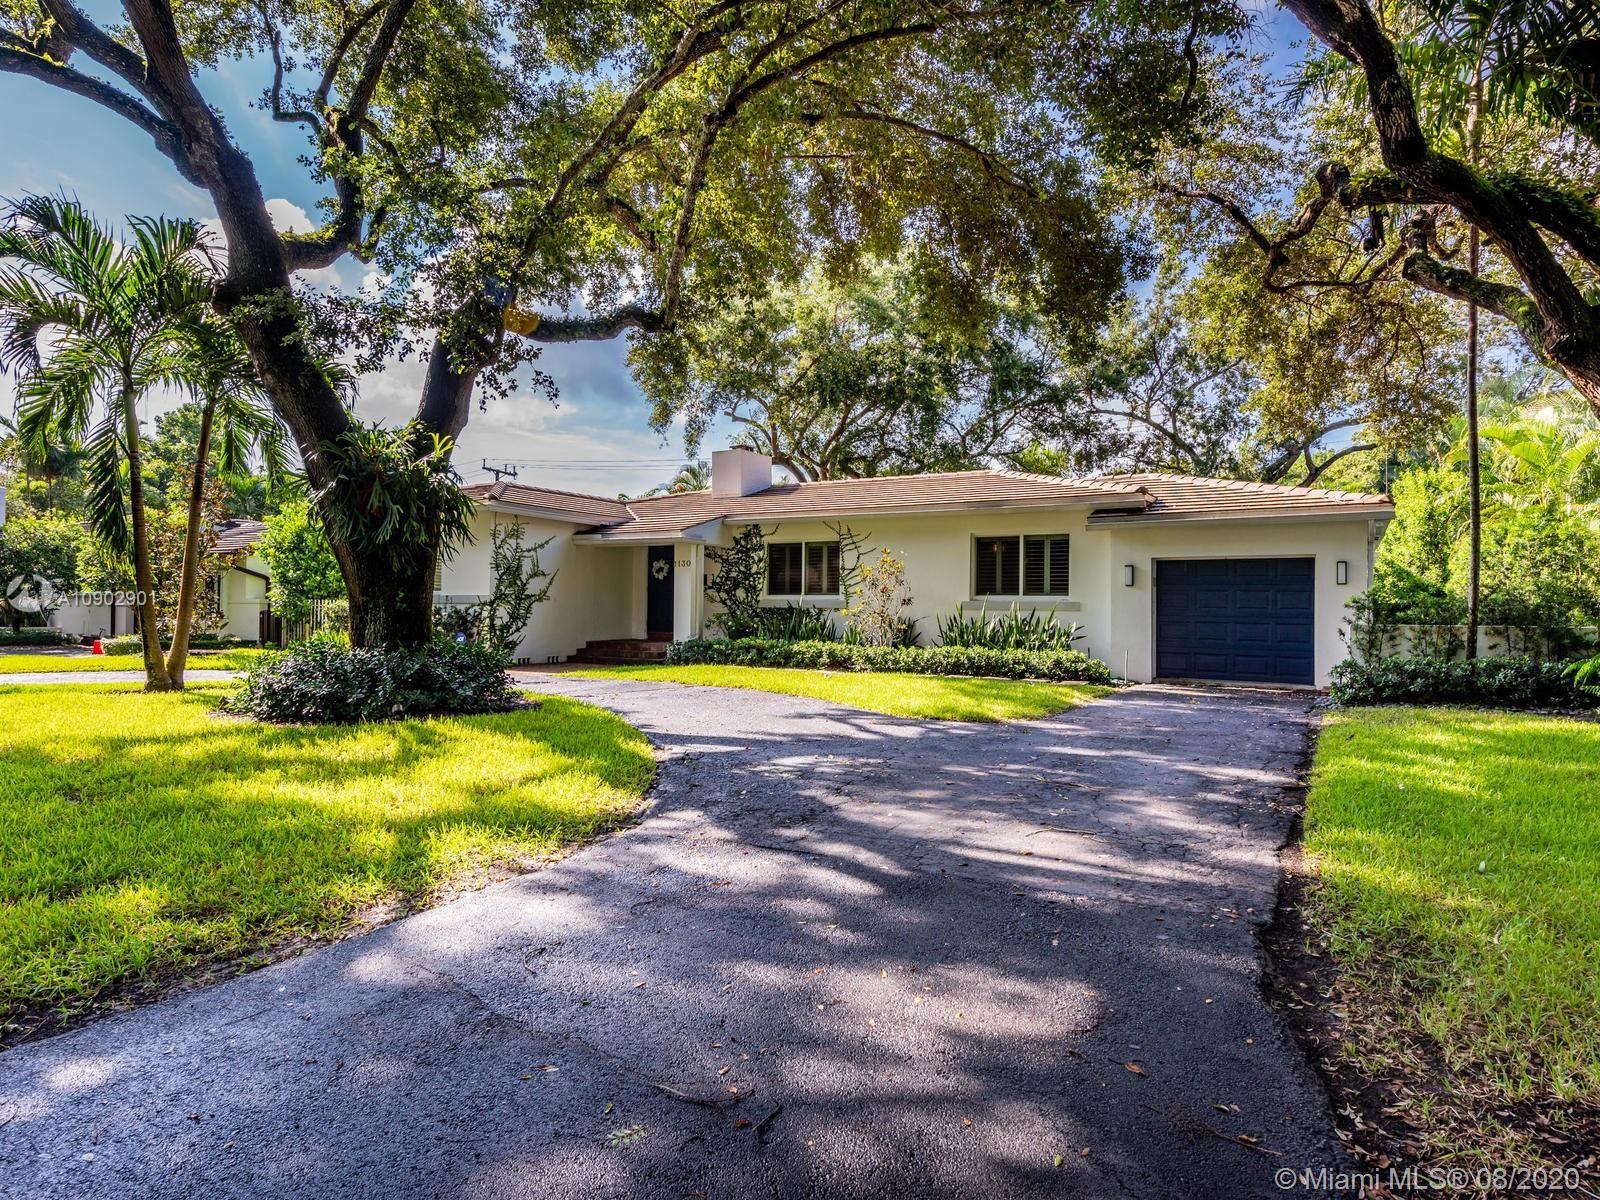 1130 Manati Ave, Coral Gables, FL 33146 - #: A10902901